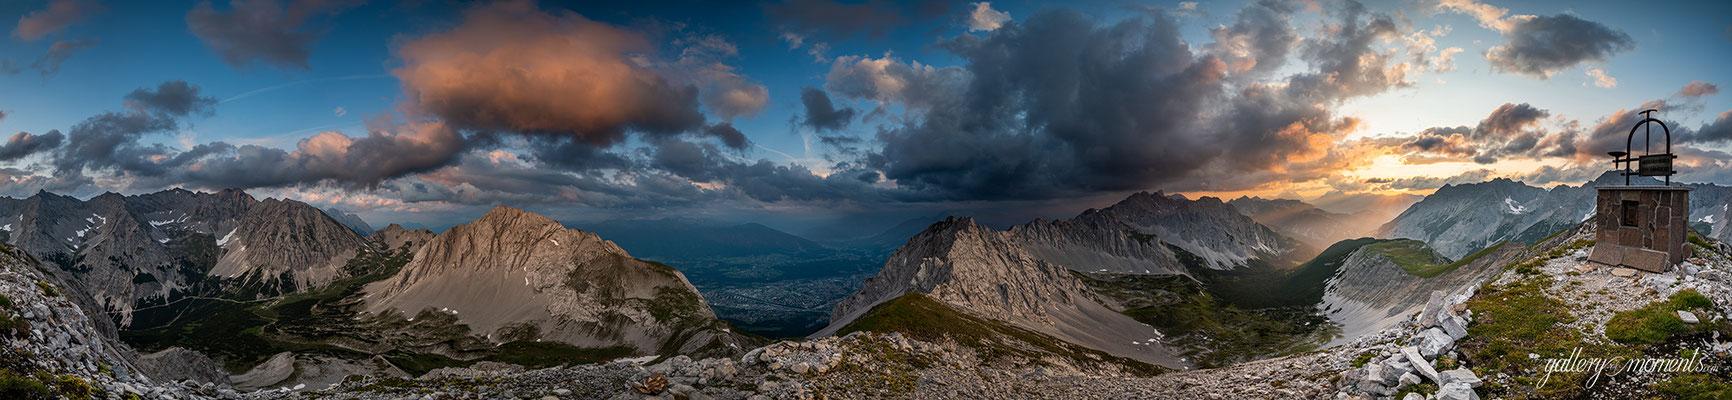 Abendstimmung über dem Karwendel und dem Inntal / Tirol (Bildnummer 0190717)